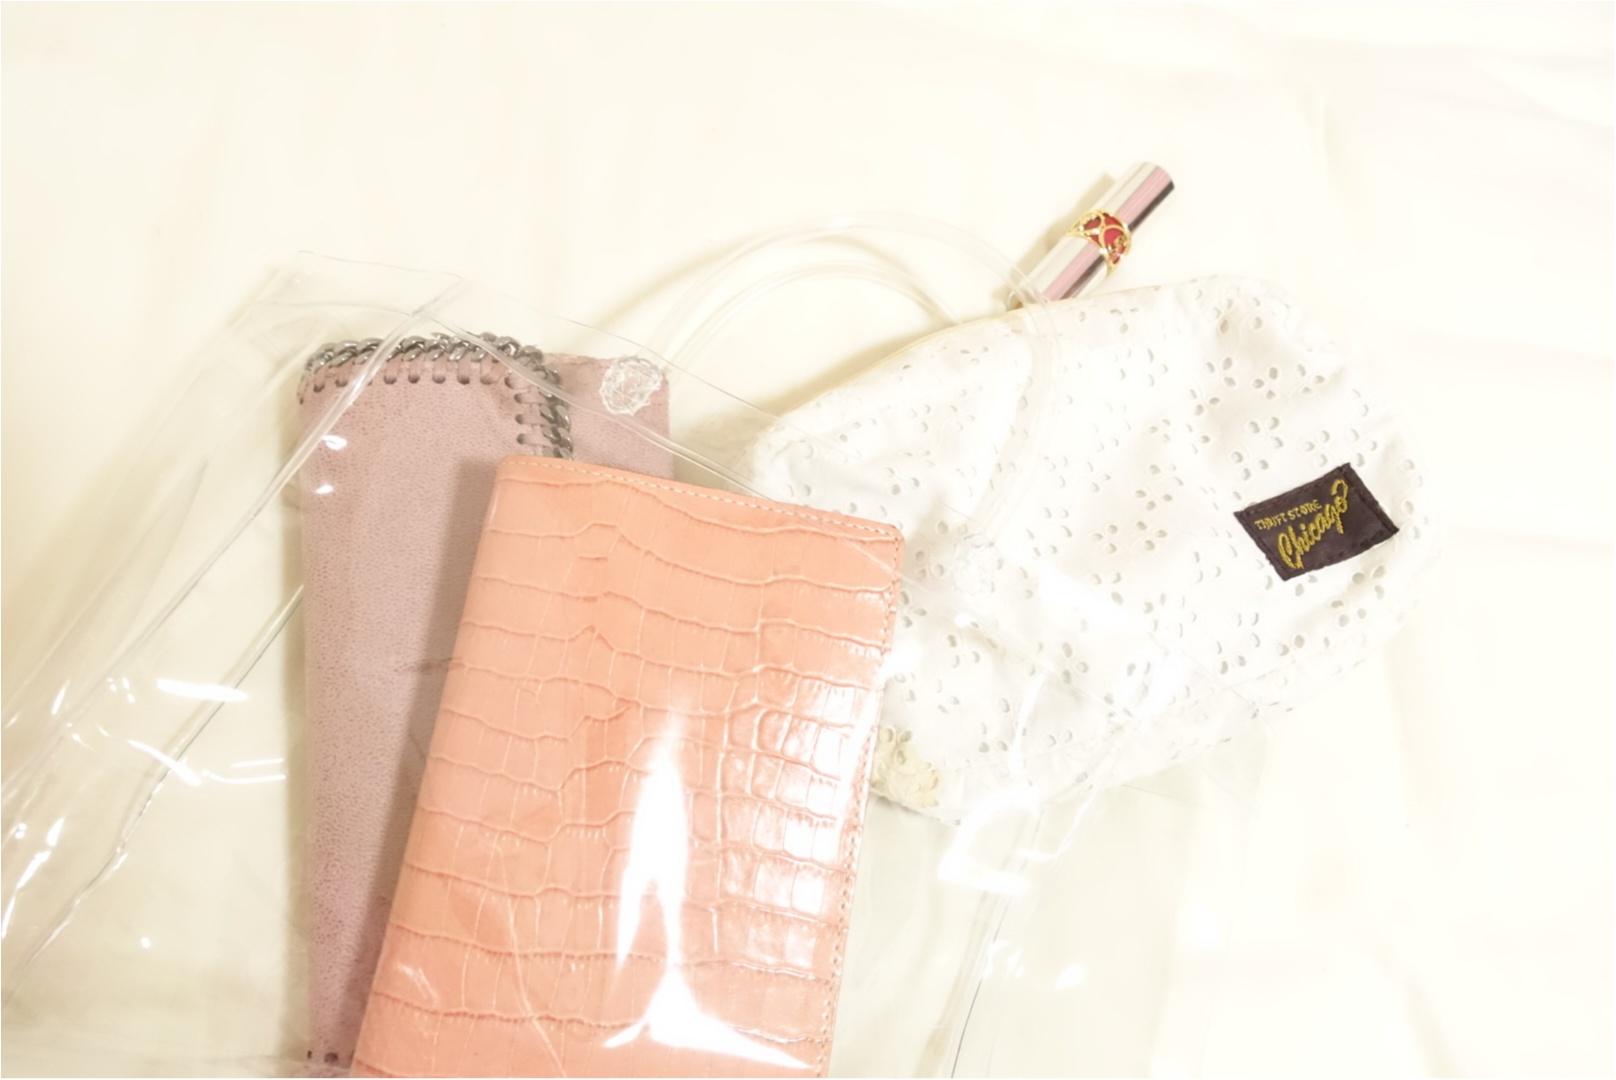 ★流行りのクリアバッグは【DAISO】でget!お洒落に見える一工夫をすれば高見え効果も!_2